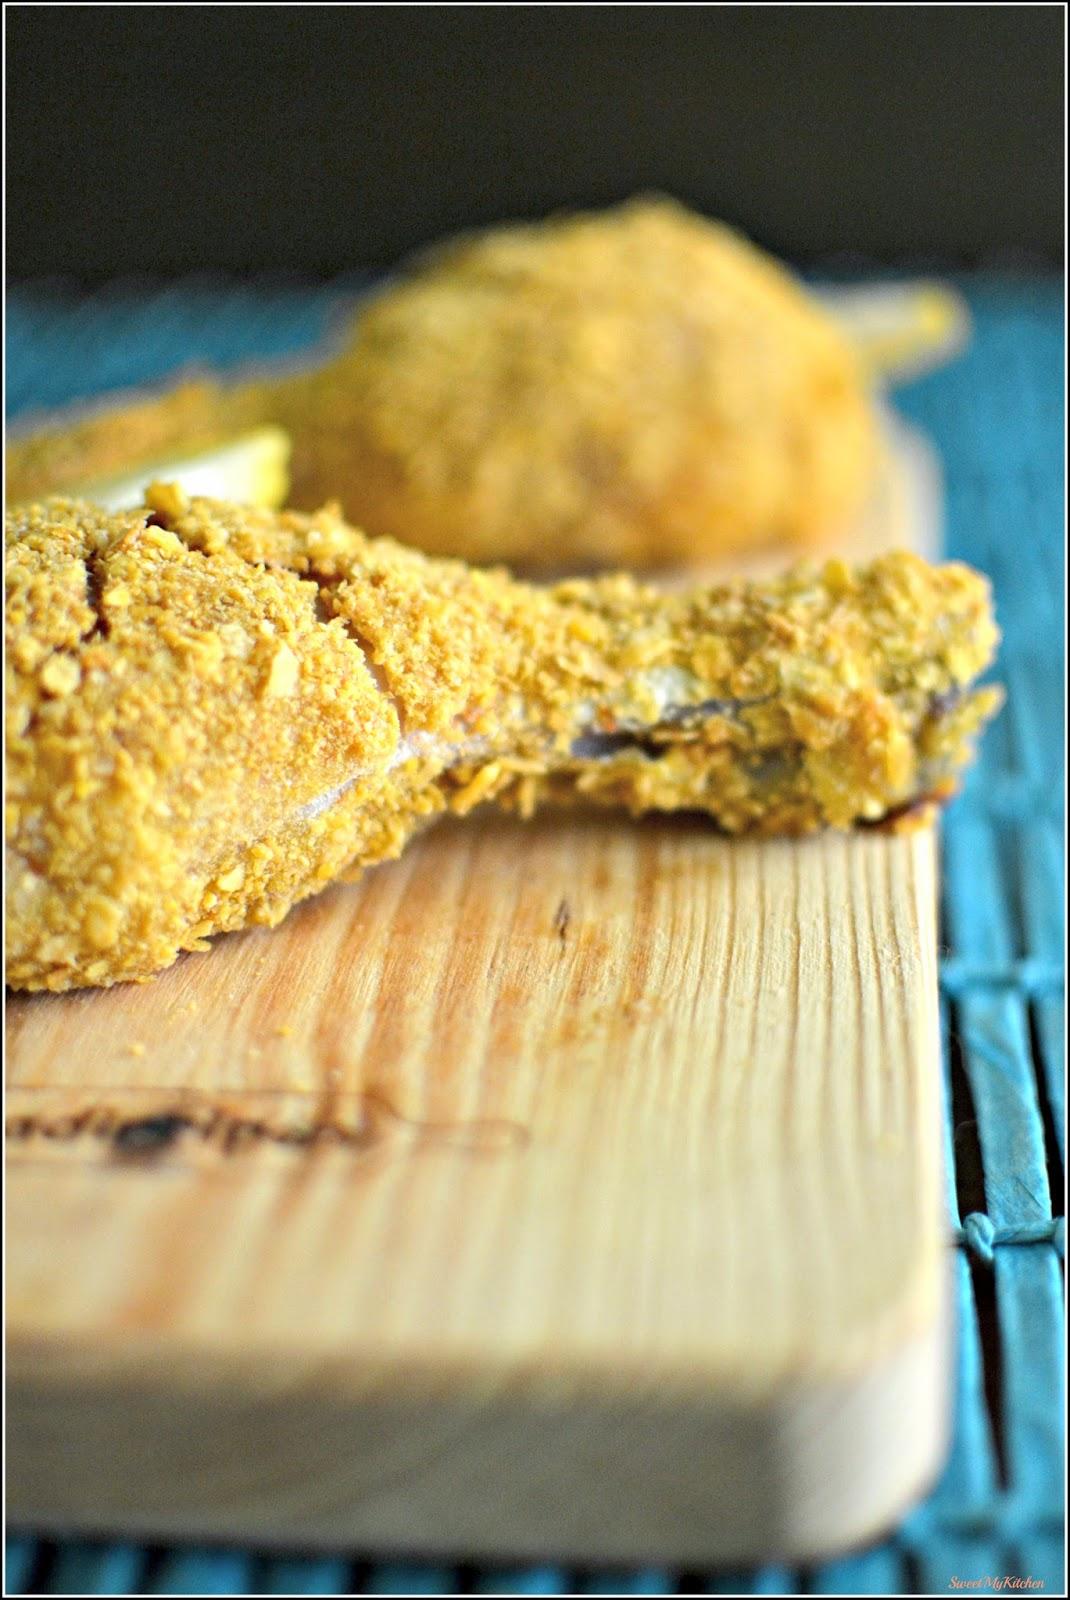 Fabuloso Sweet my Kitchen: Pernas de frango crocantes no forno CV33